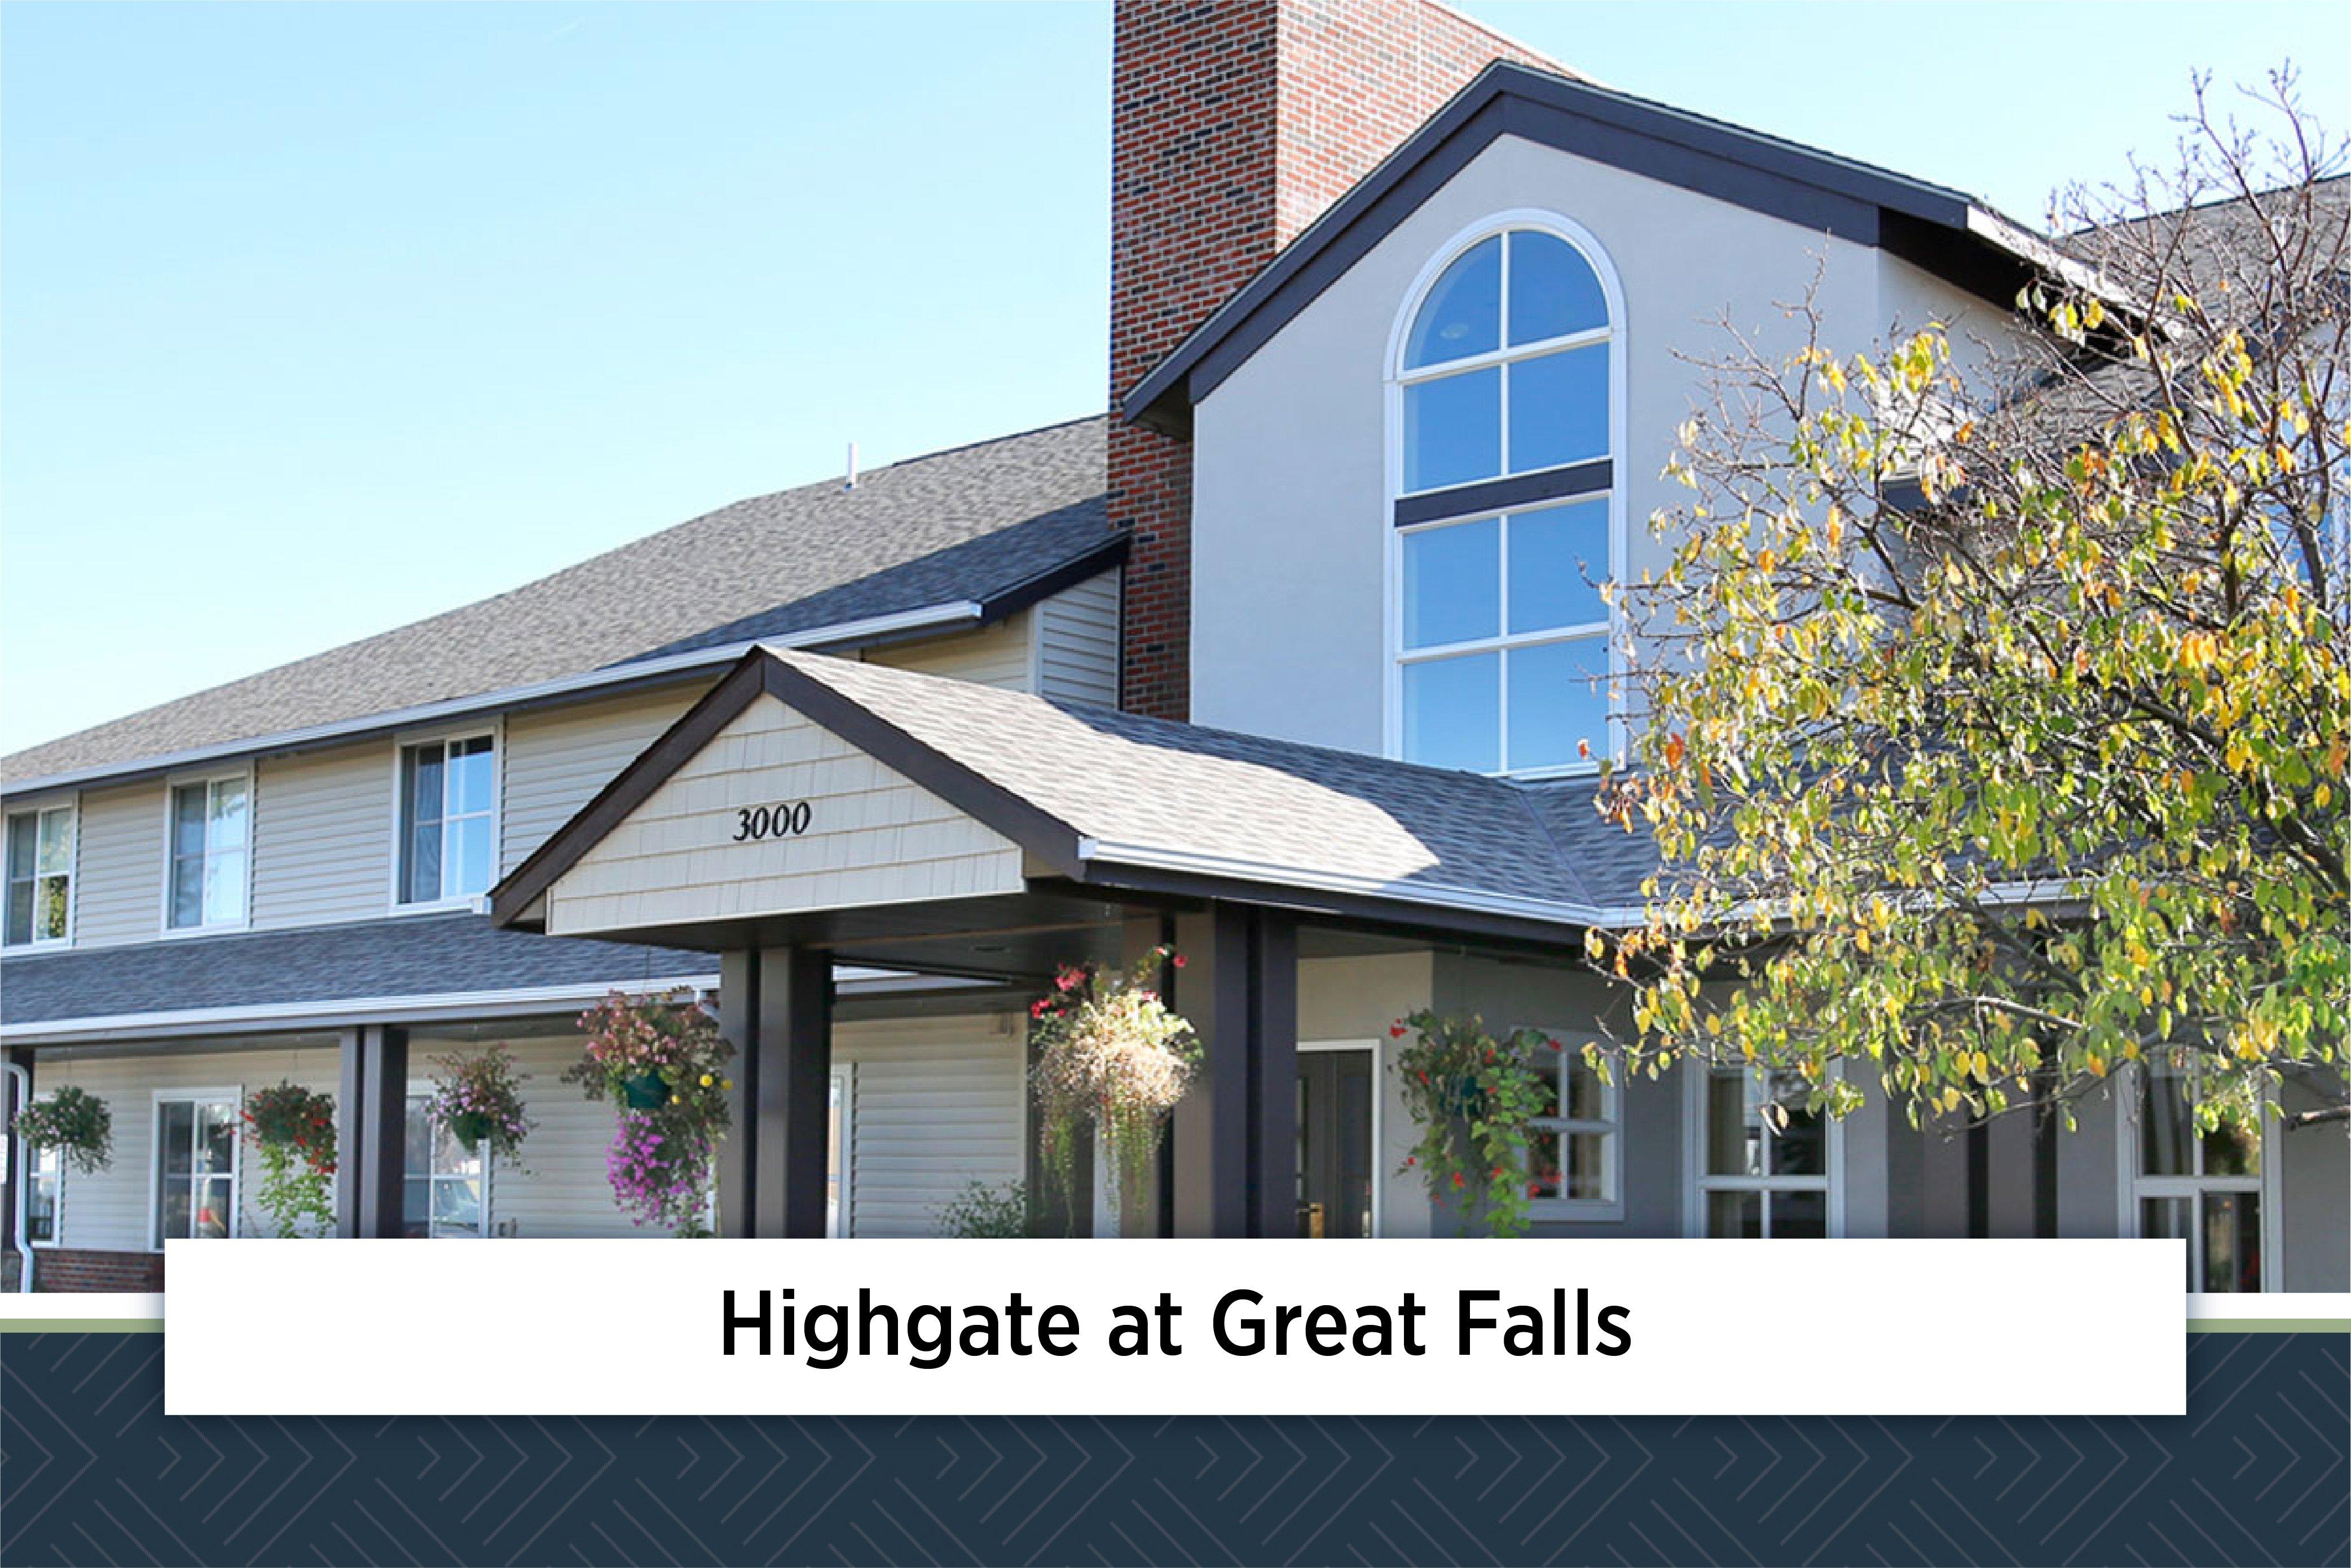 Highgate at Great Falls